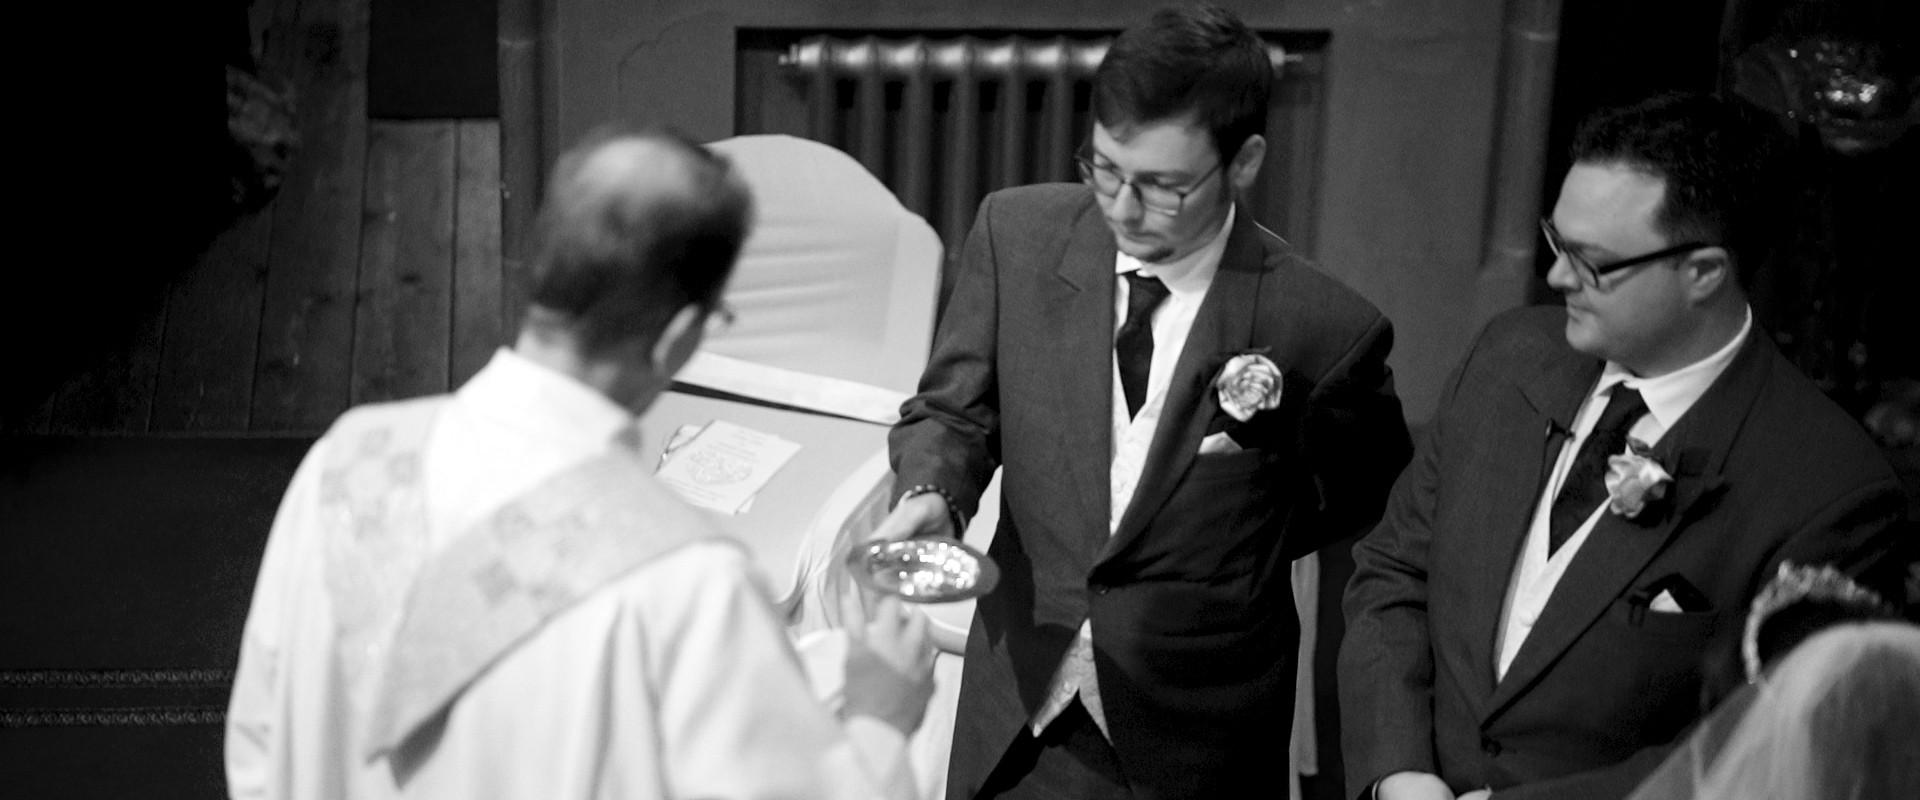 Wedding-ShortFilm-BW.00_03_27_05.Still03